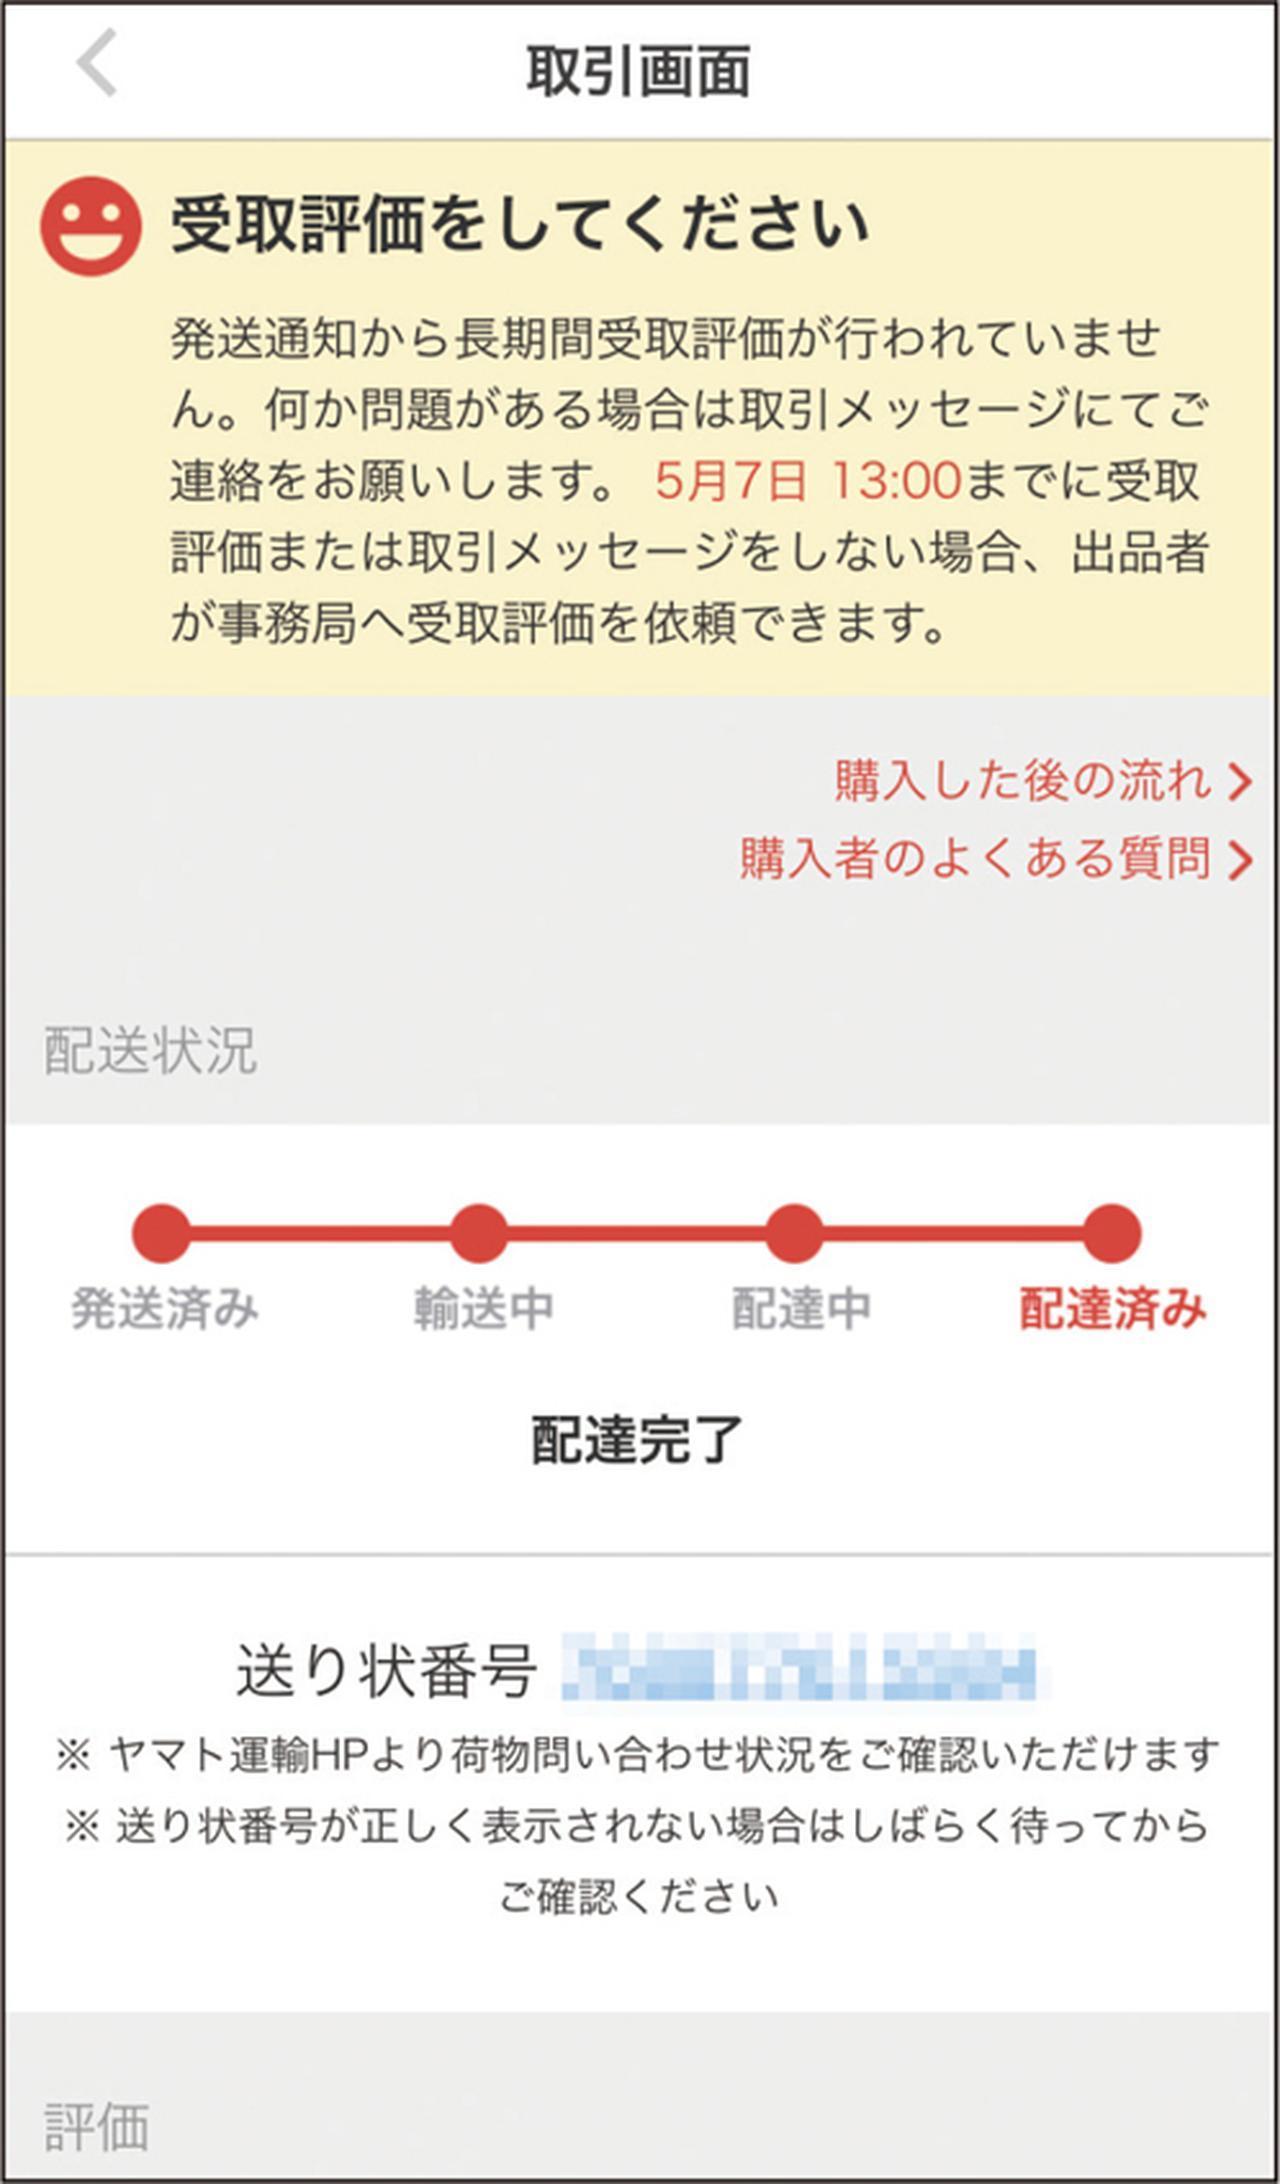 画像: 「取引画面」では商品の配達状況を確認することができる。商品を受け取ったら、「受取評価」をしよう。